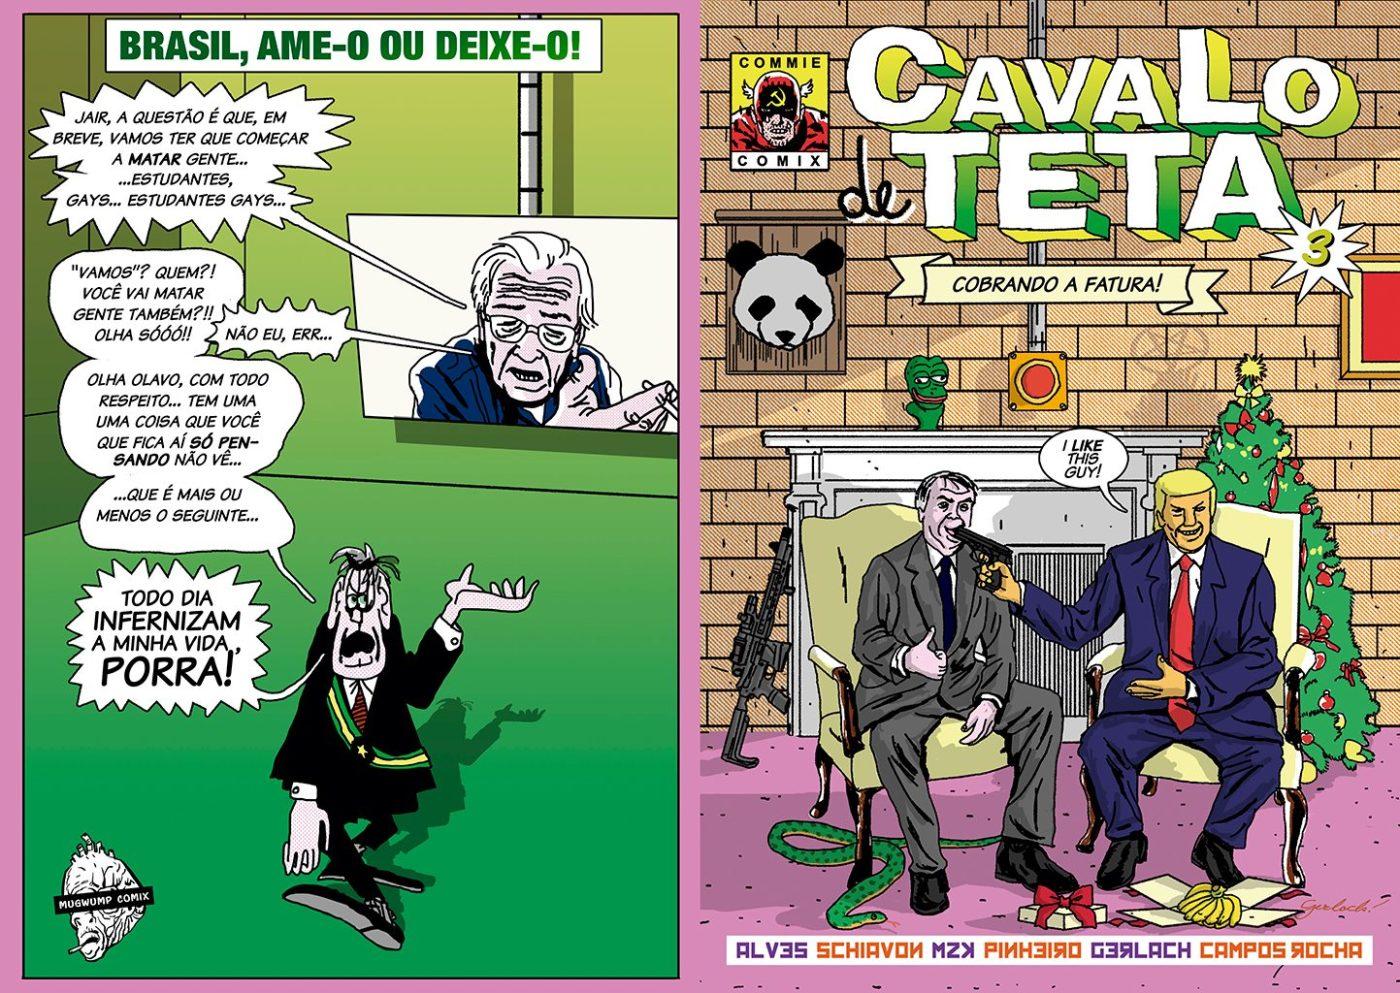 Cavalo de Teta: confira a capa e uma prévia do terceiro número da revista editada por João Pinheiro